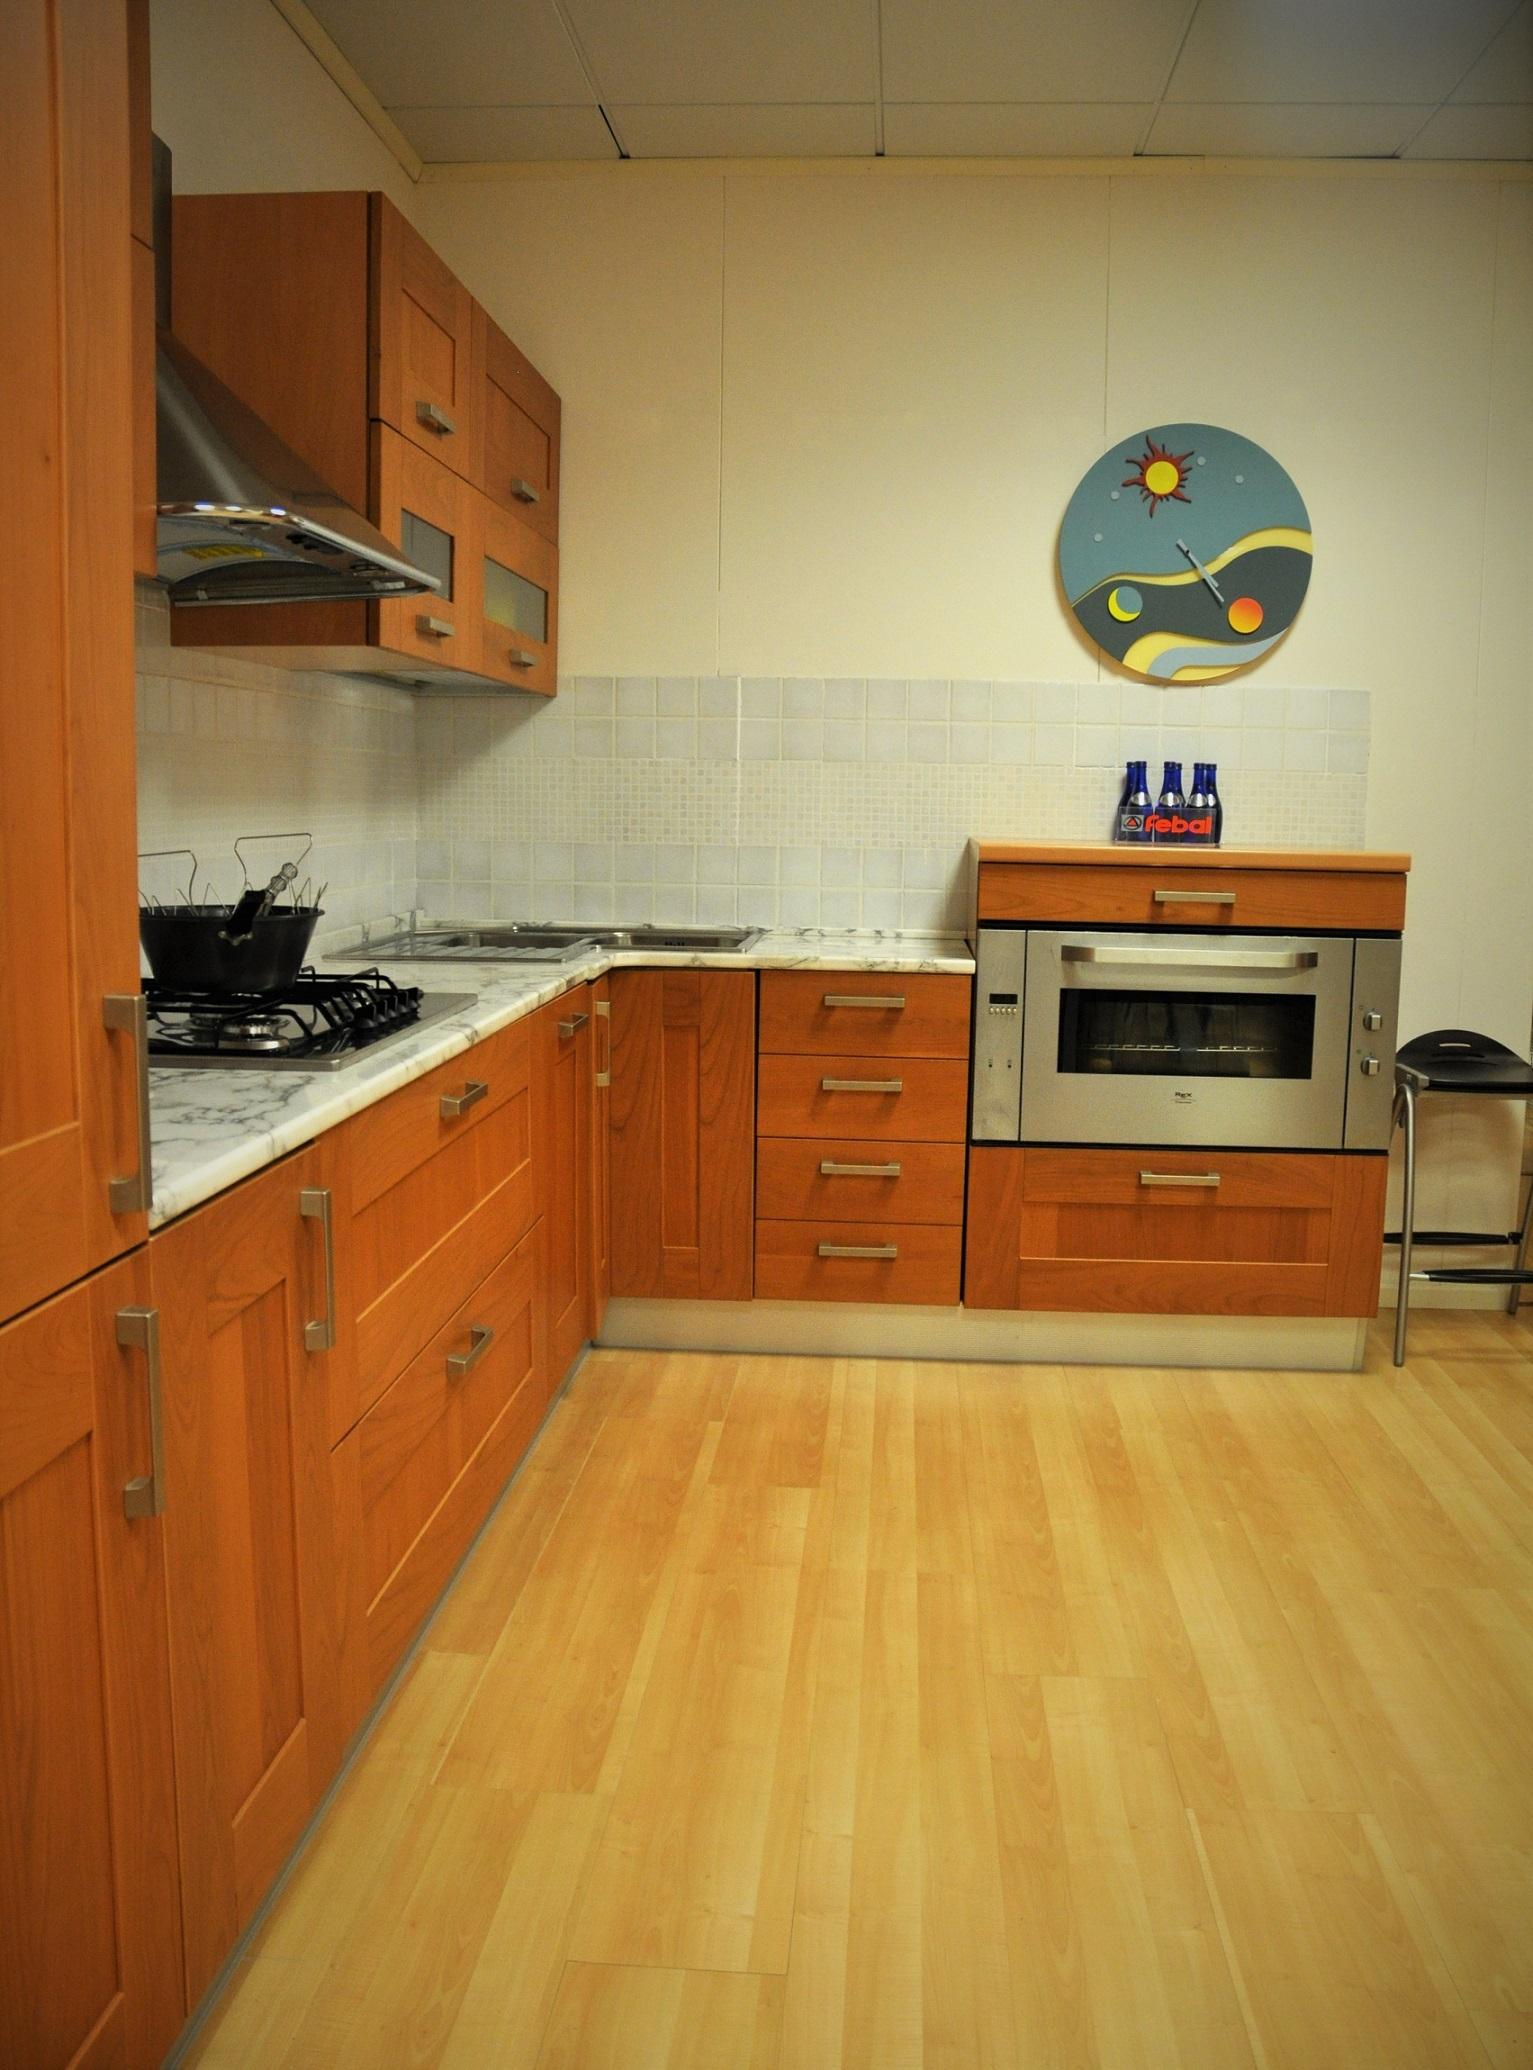 Cucina febal mixer scontato del 60 cucine a prezzi - Cucina componibile prezzi ...